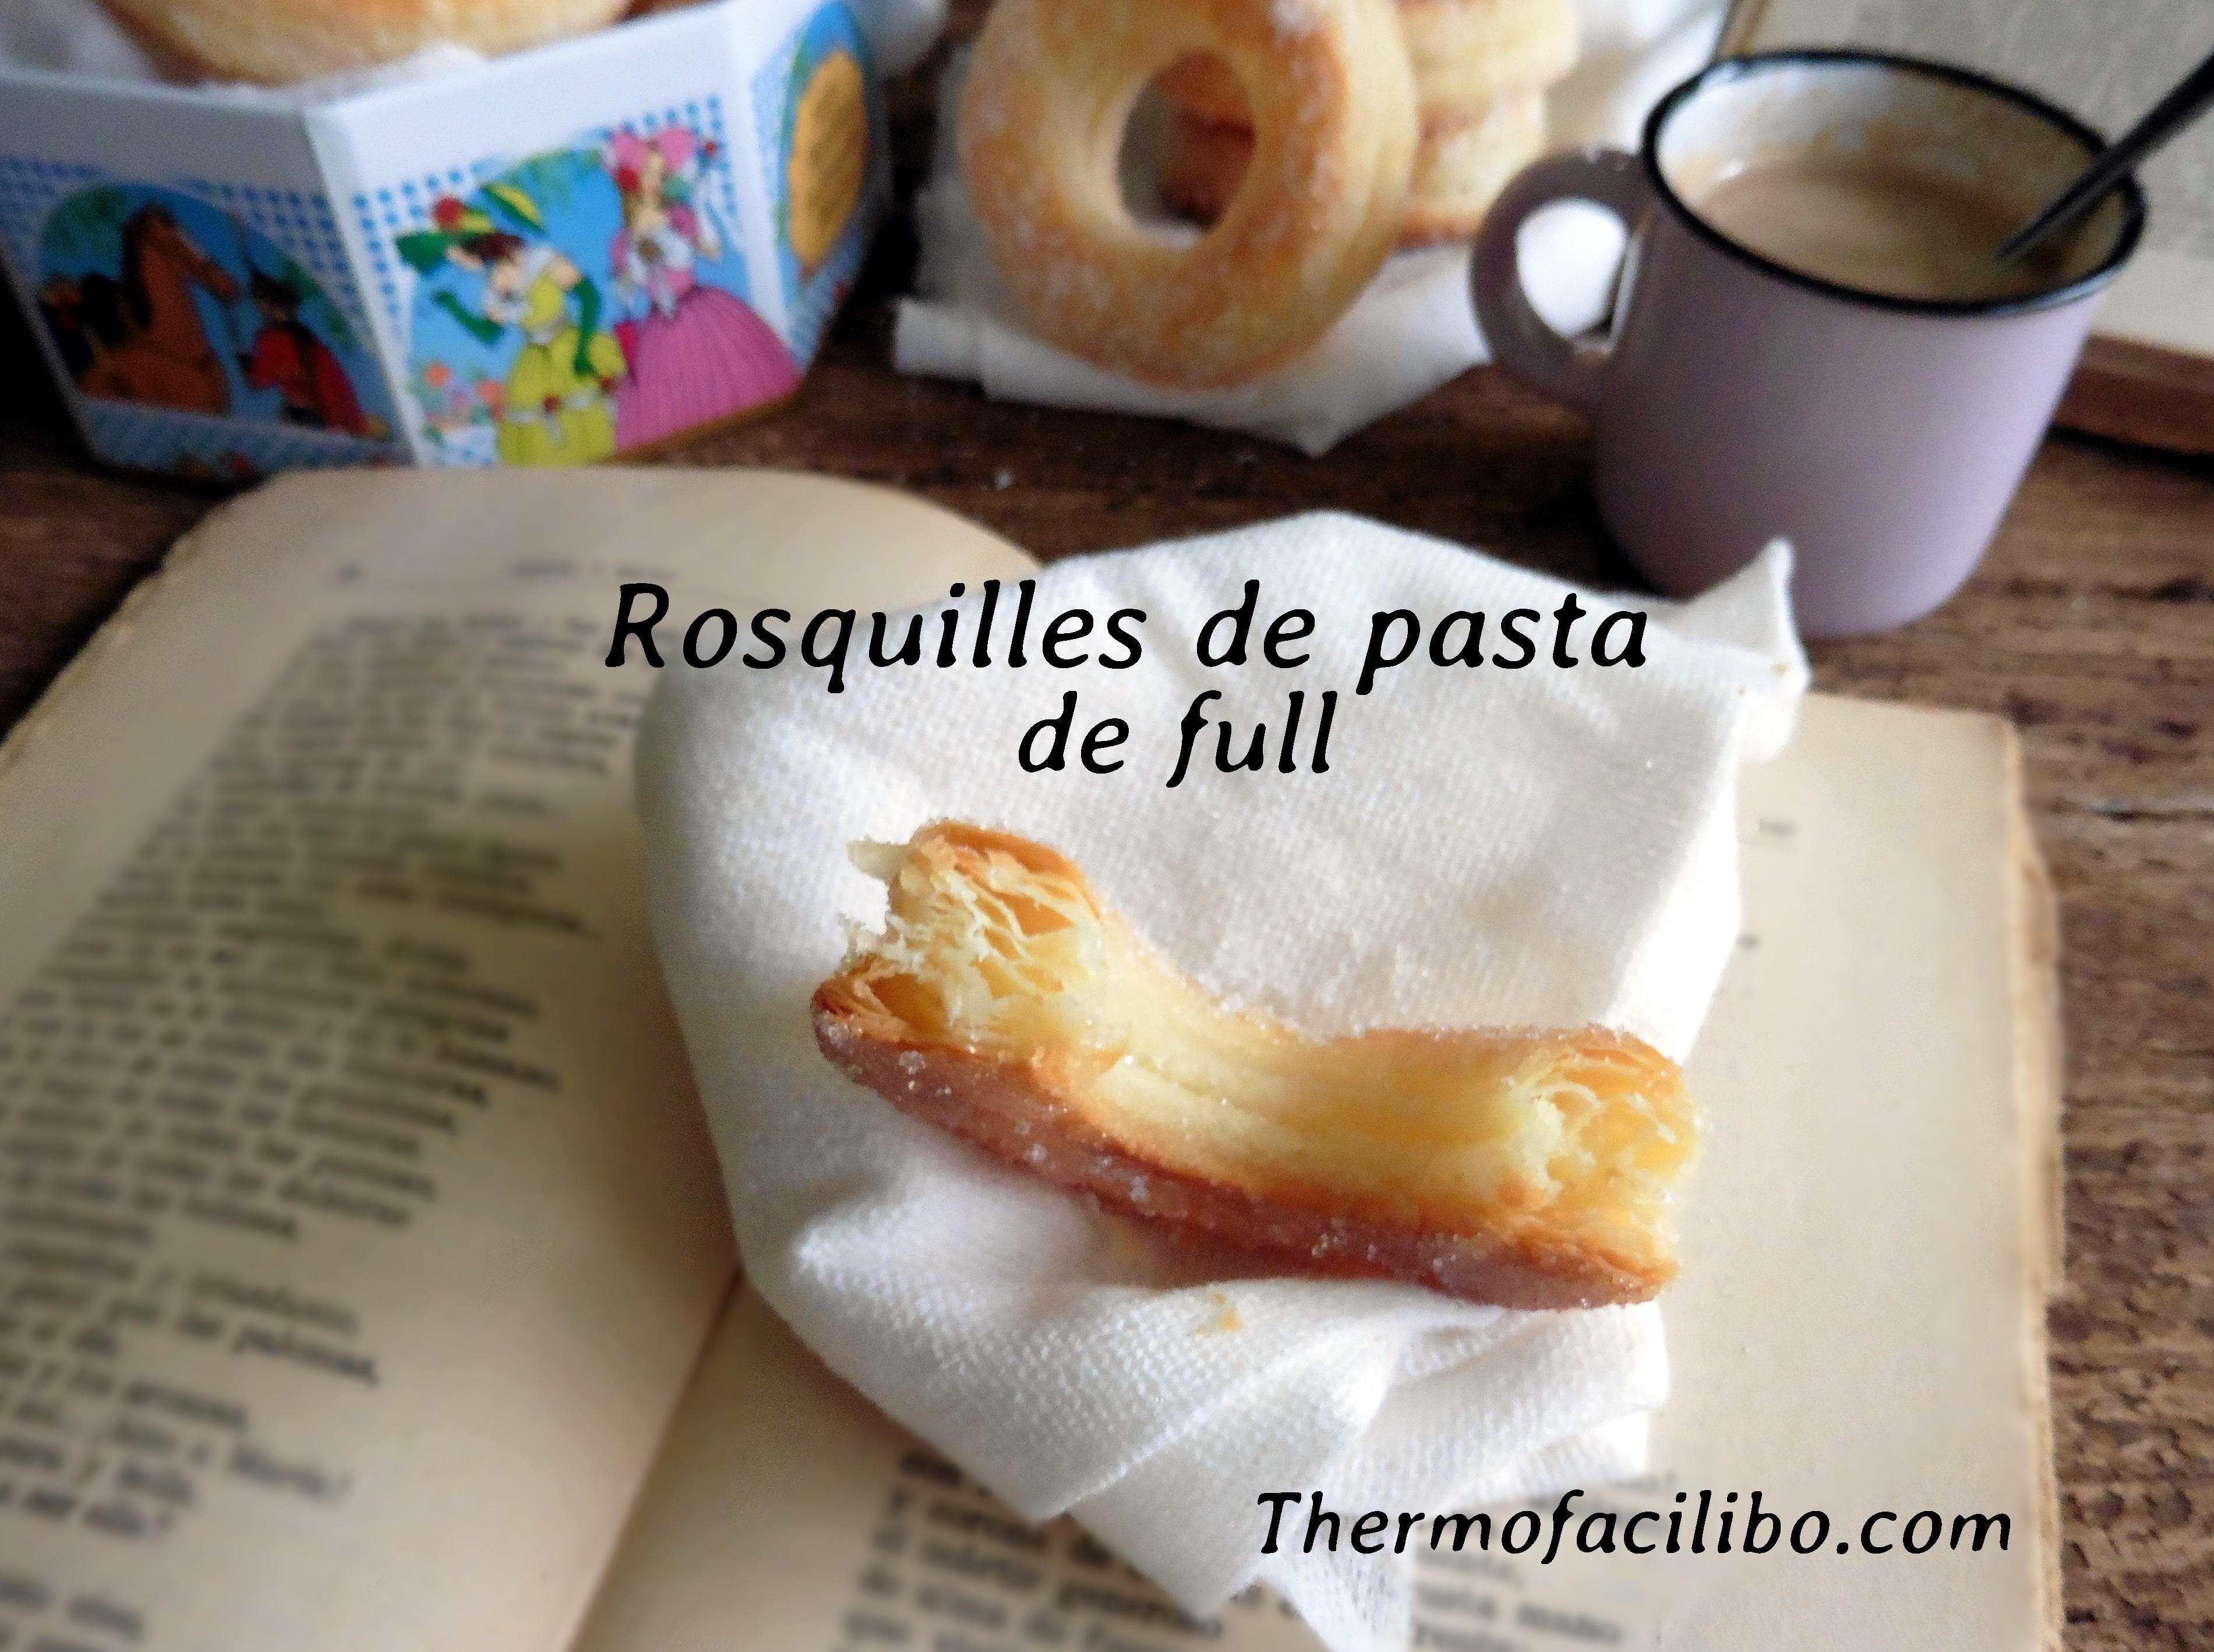 Rosquilles de pasta de full.2